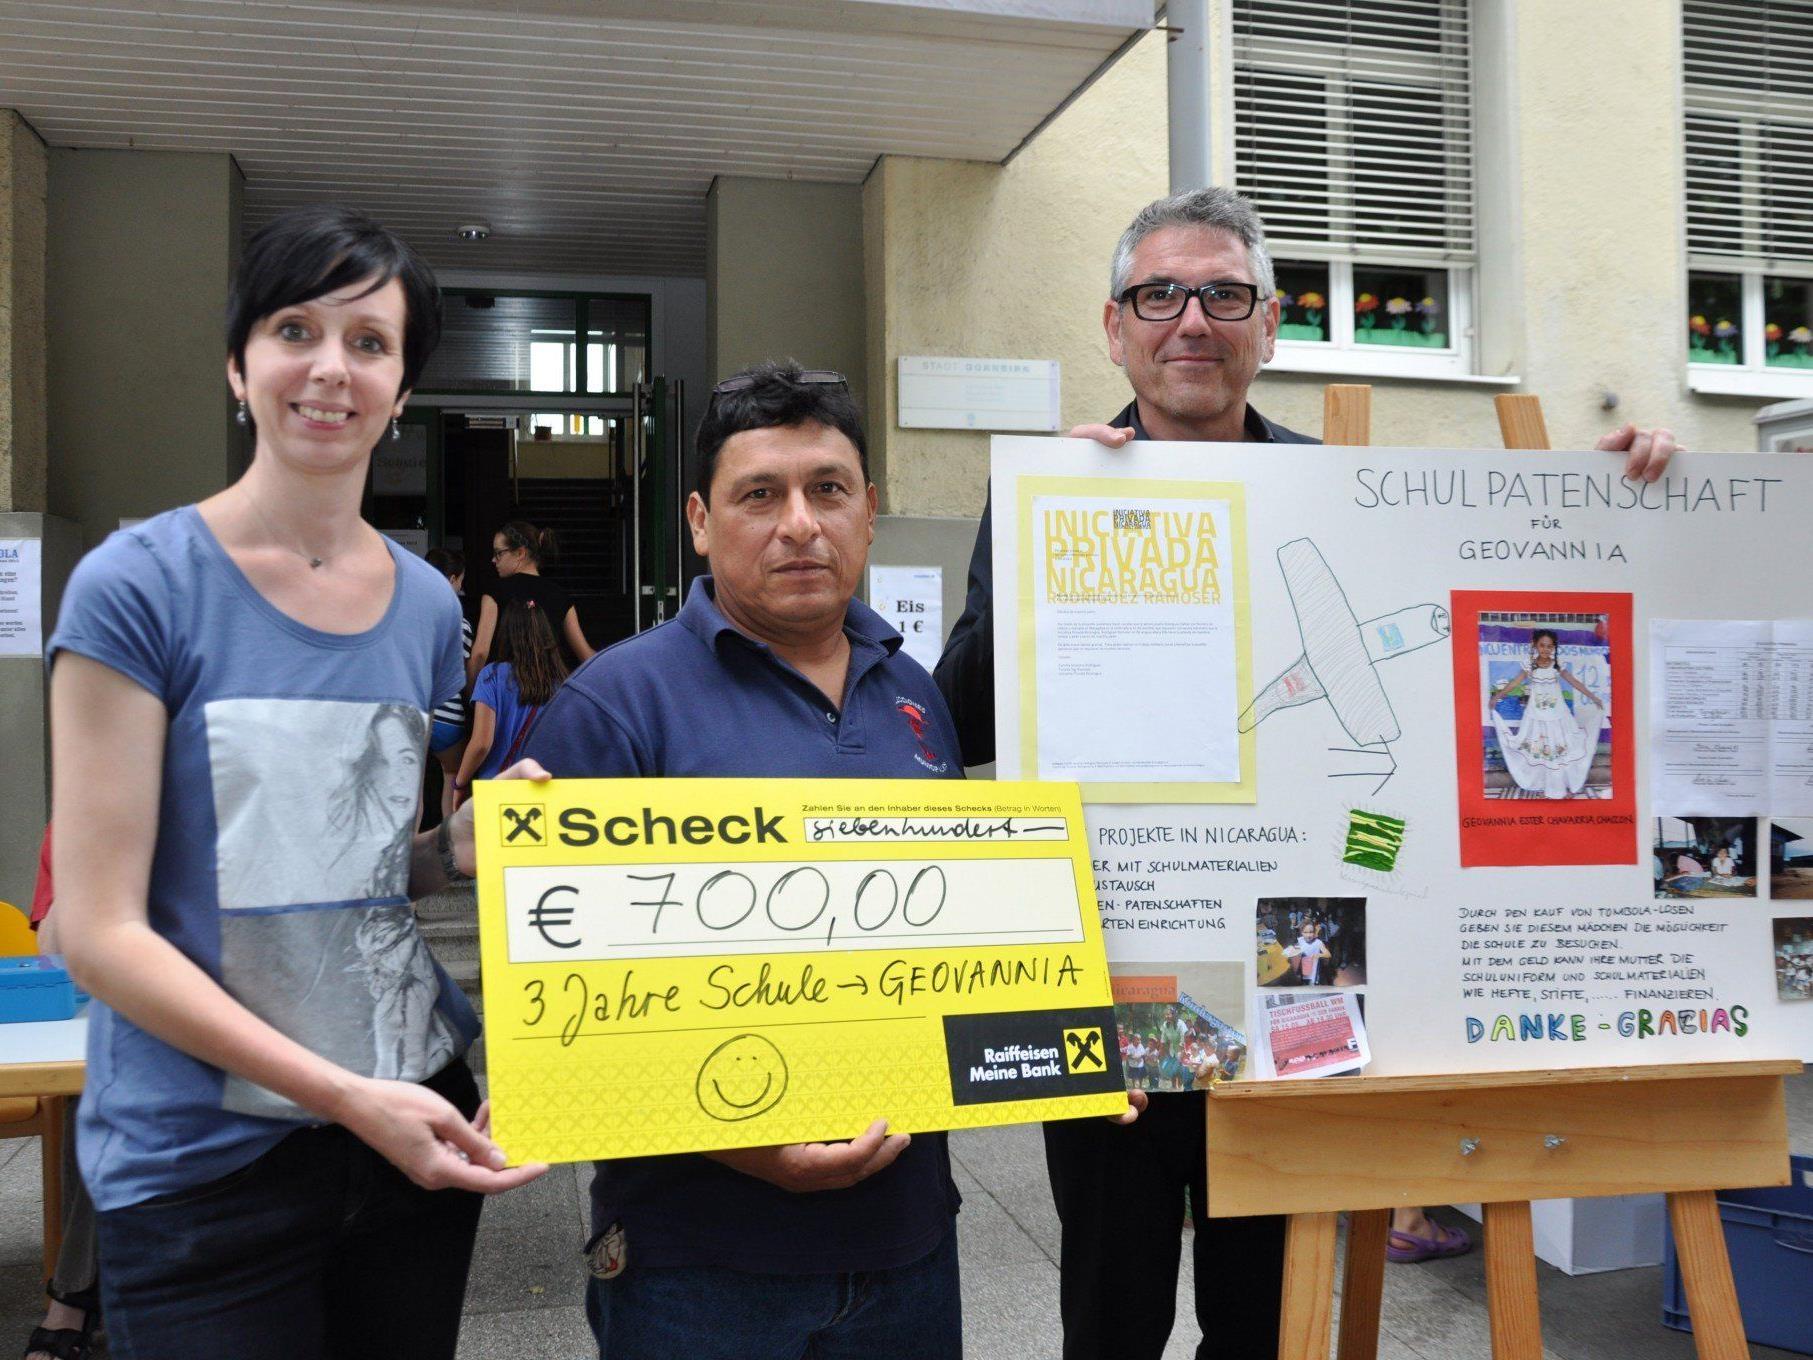 Der Elternverein der Volksschule Markt spendete 700 Euro für eine Schulpatenschaft in Nicaragua.